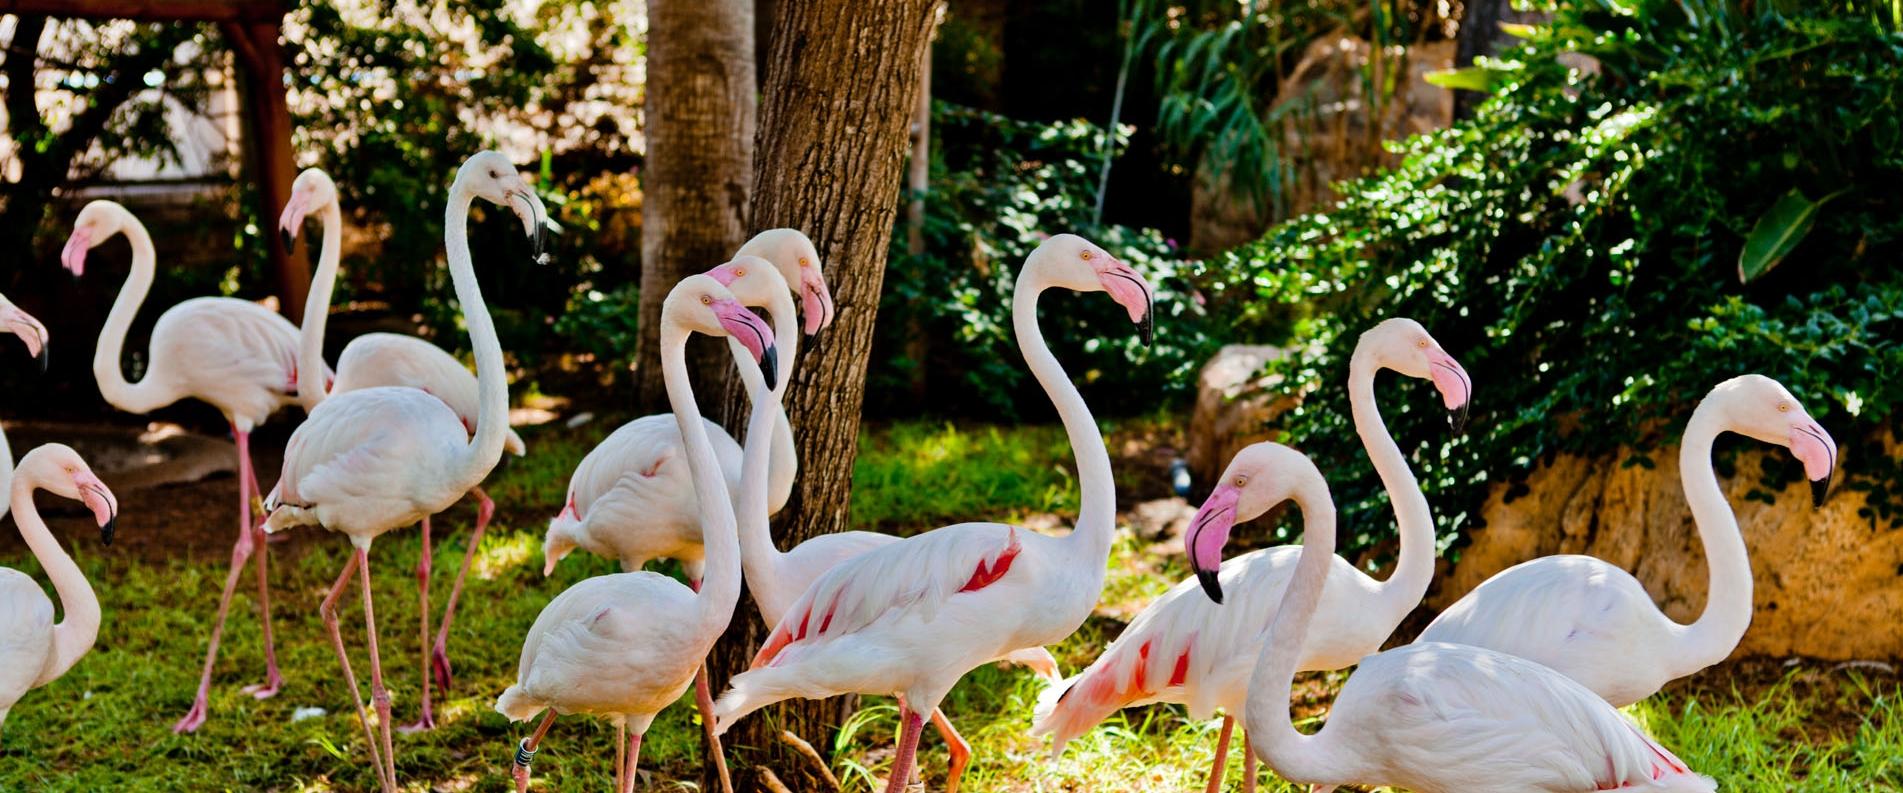 Зоопарк в Лимассоле, фоторепортаж